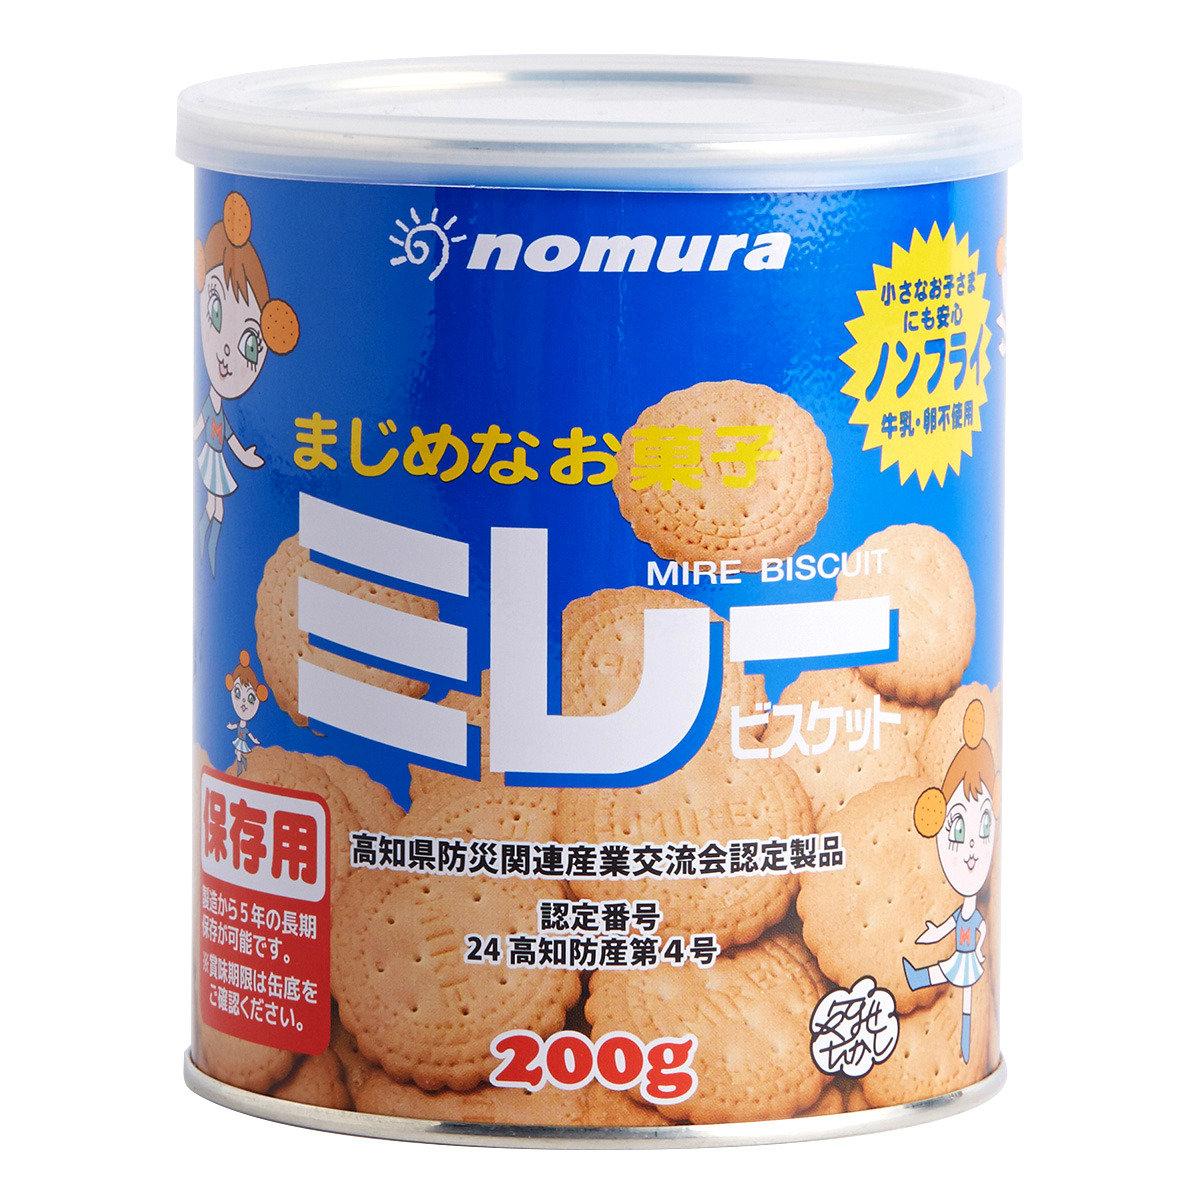 餅乾 - 原味 (罐裝)